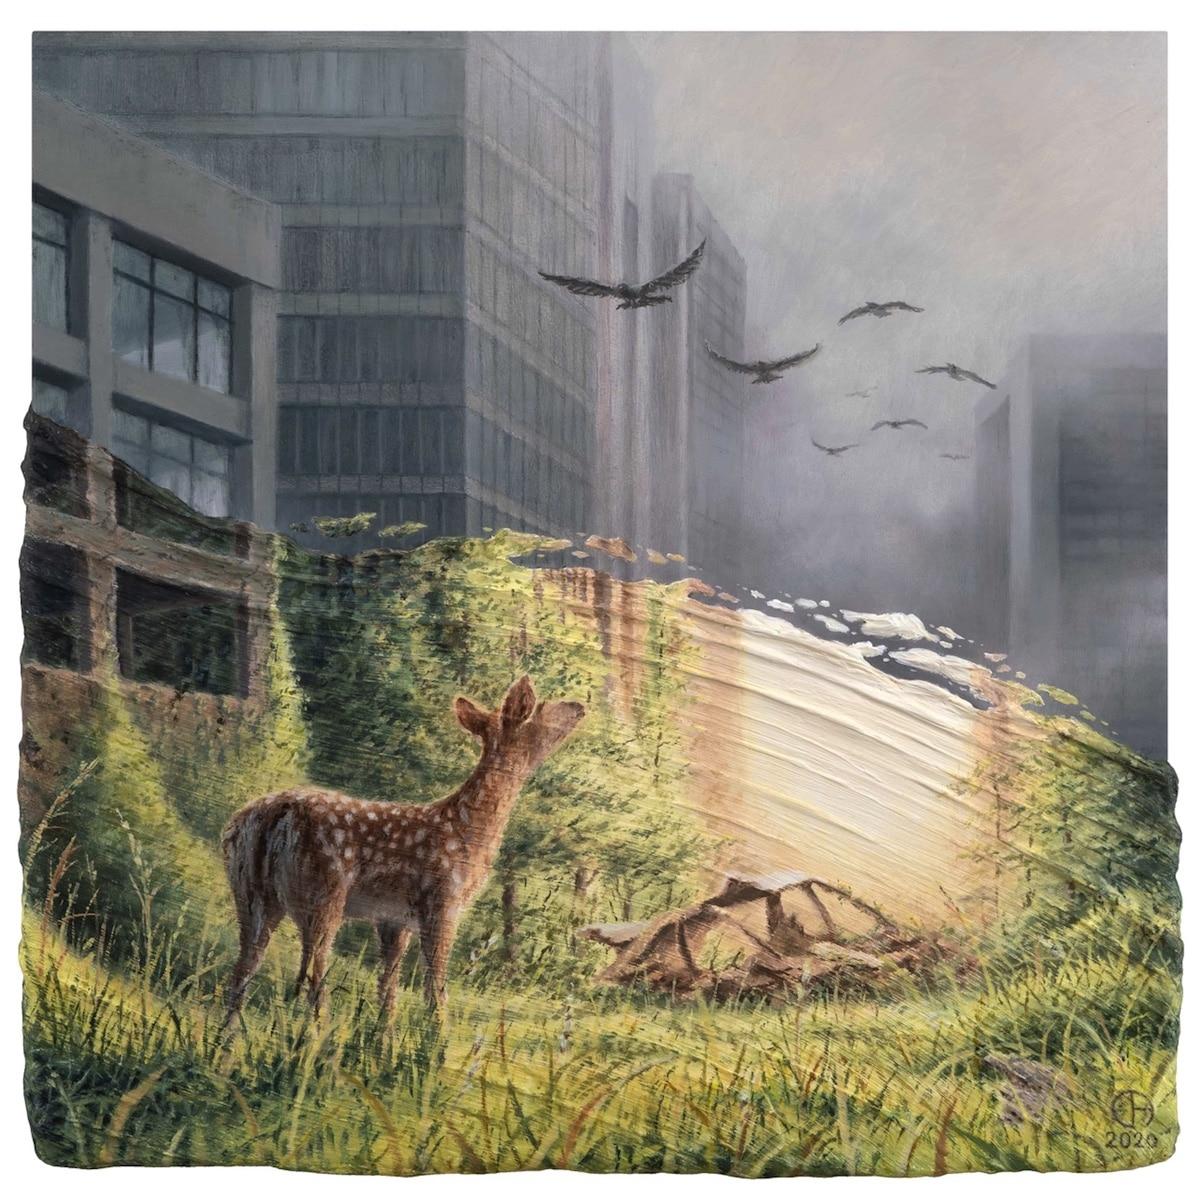 Nature Paintings by David Ambarzumjan